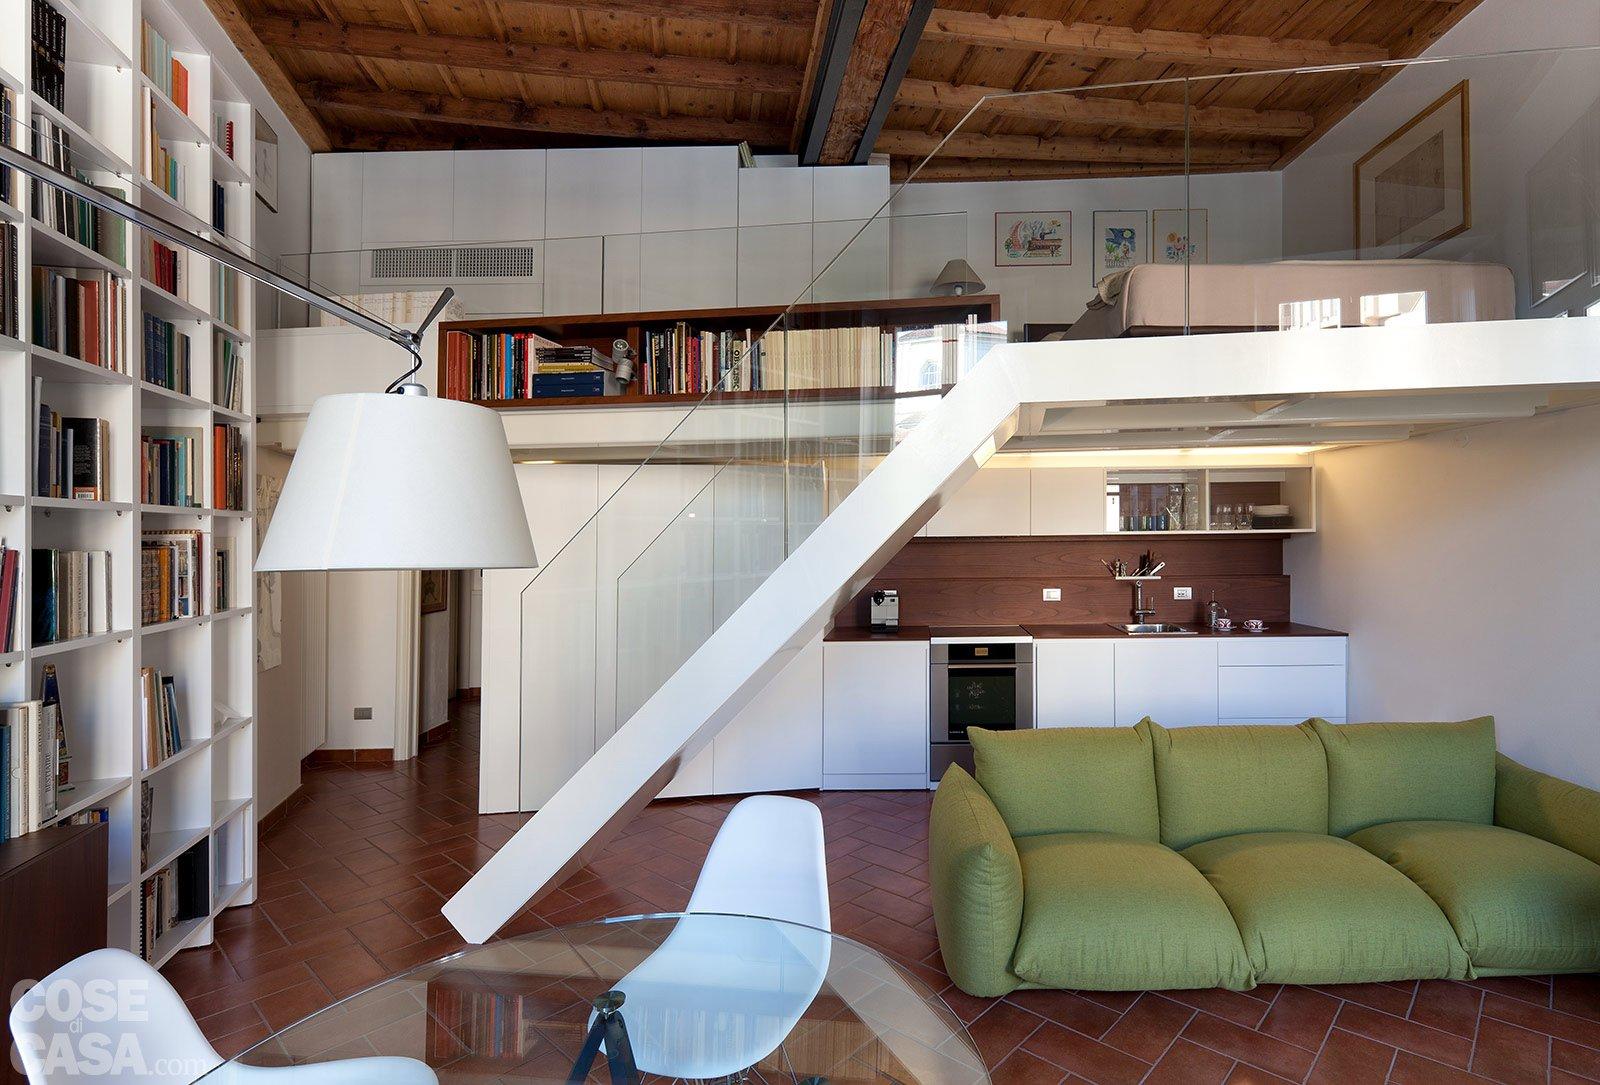 Un monolocale ampliato in altezza cose di casa for Idee quadri soggiorno